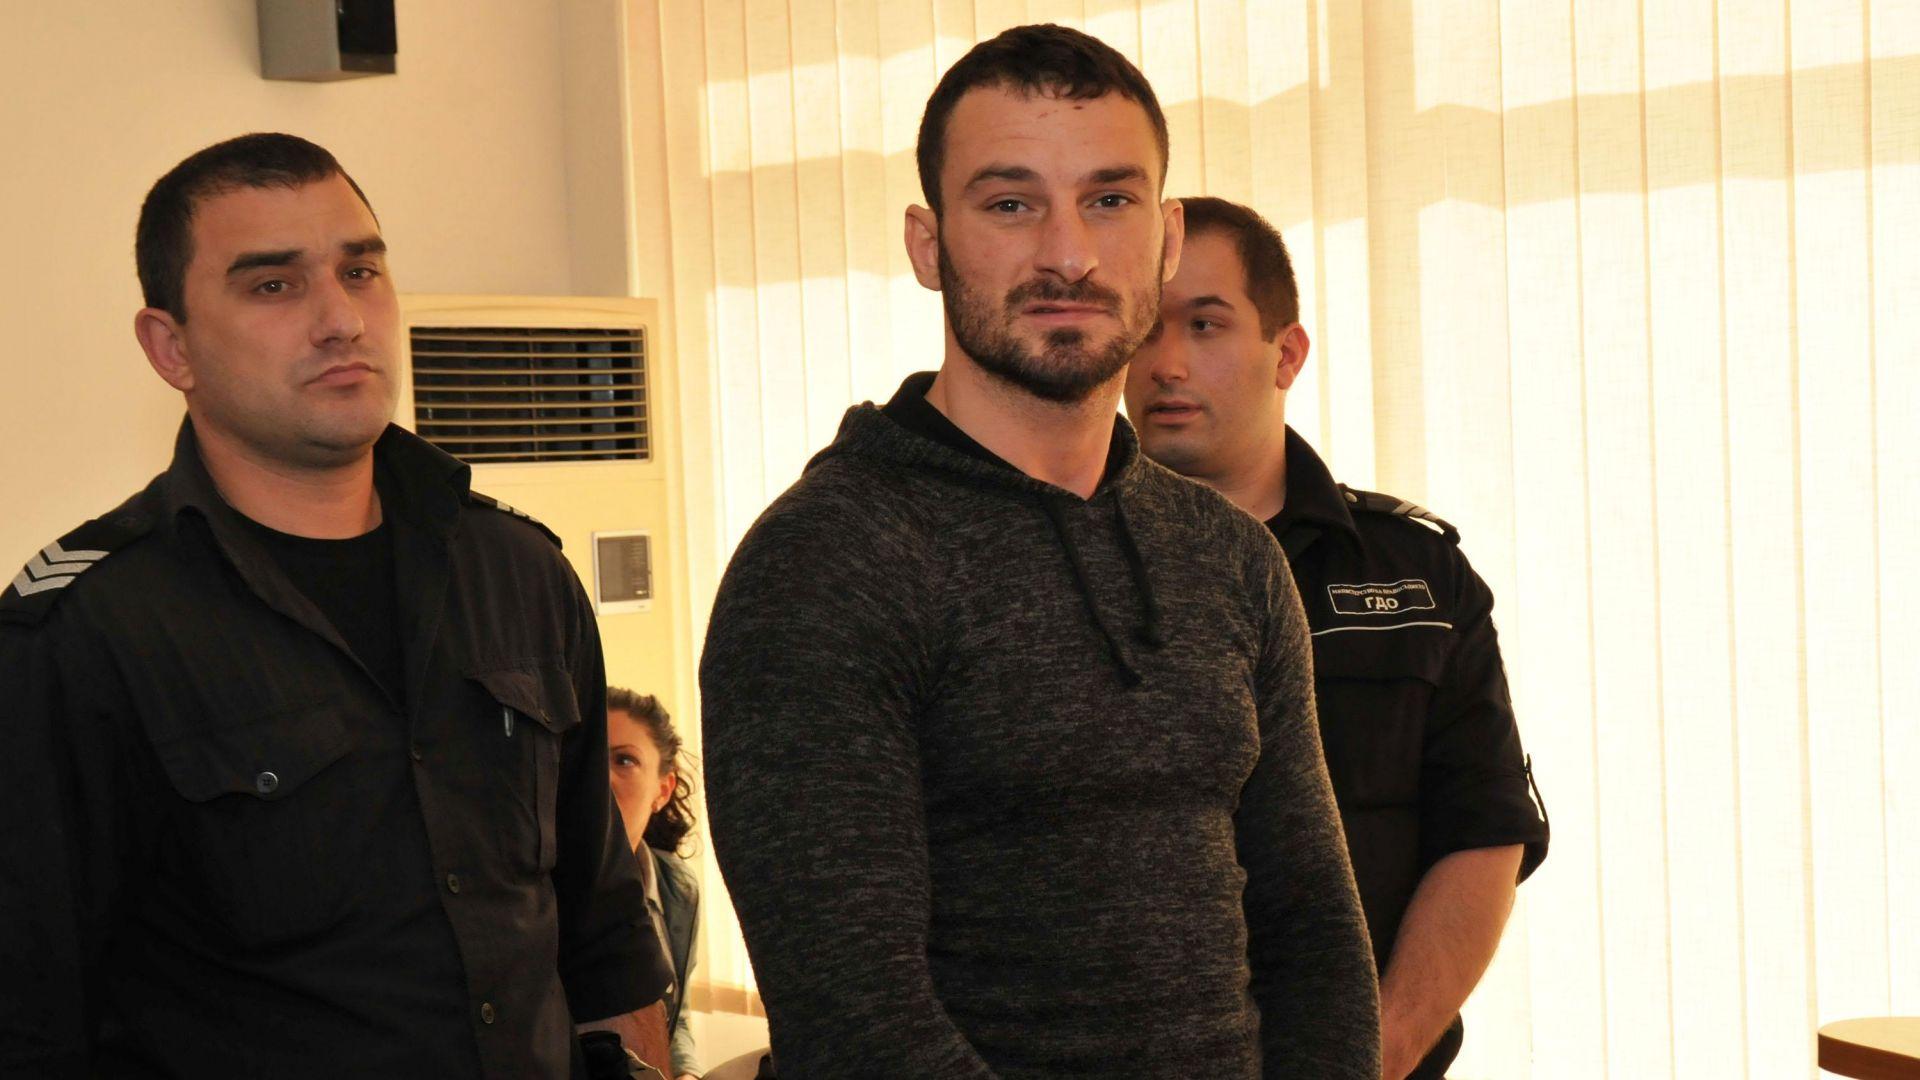 Бургаски съдия, осъдил две медии, не е нарушил етиката